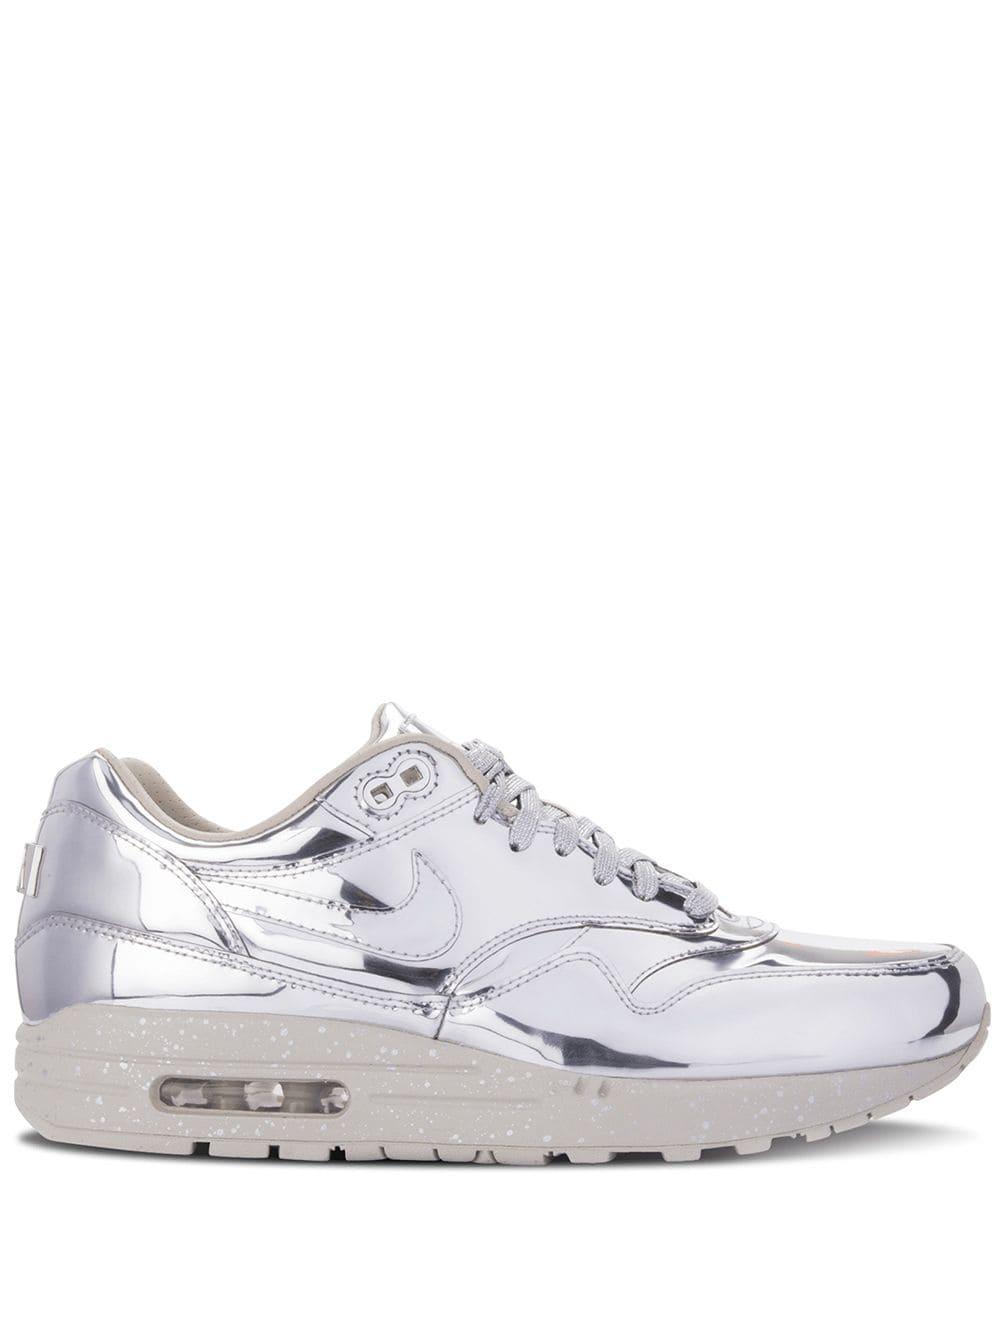 Sneakers nike air max, Nike air, Nike